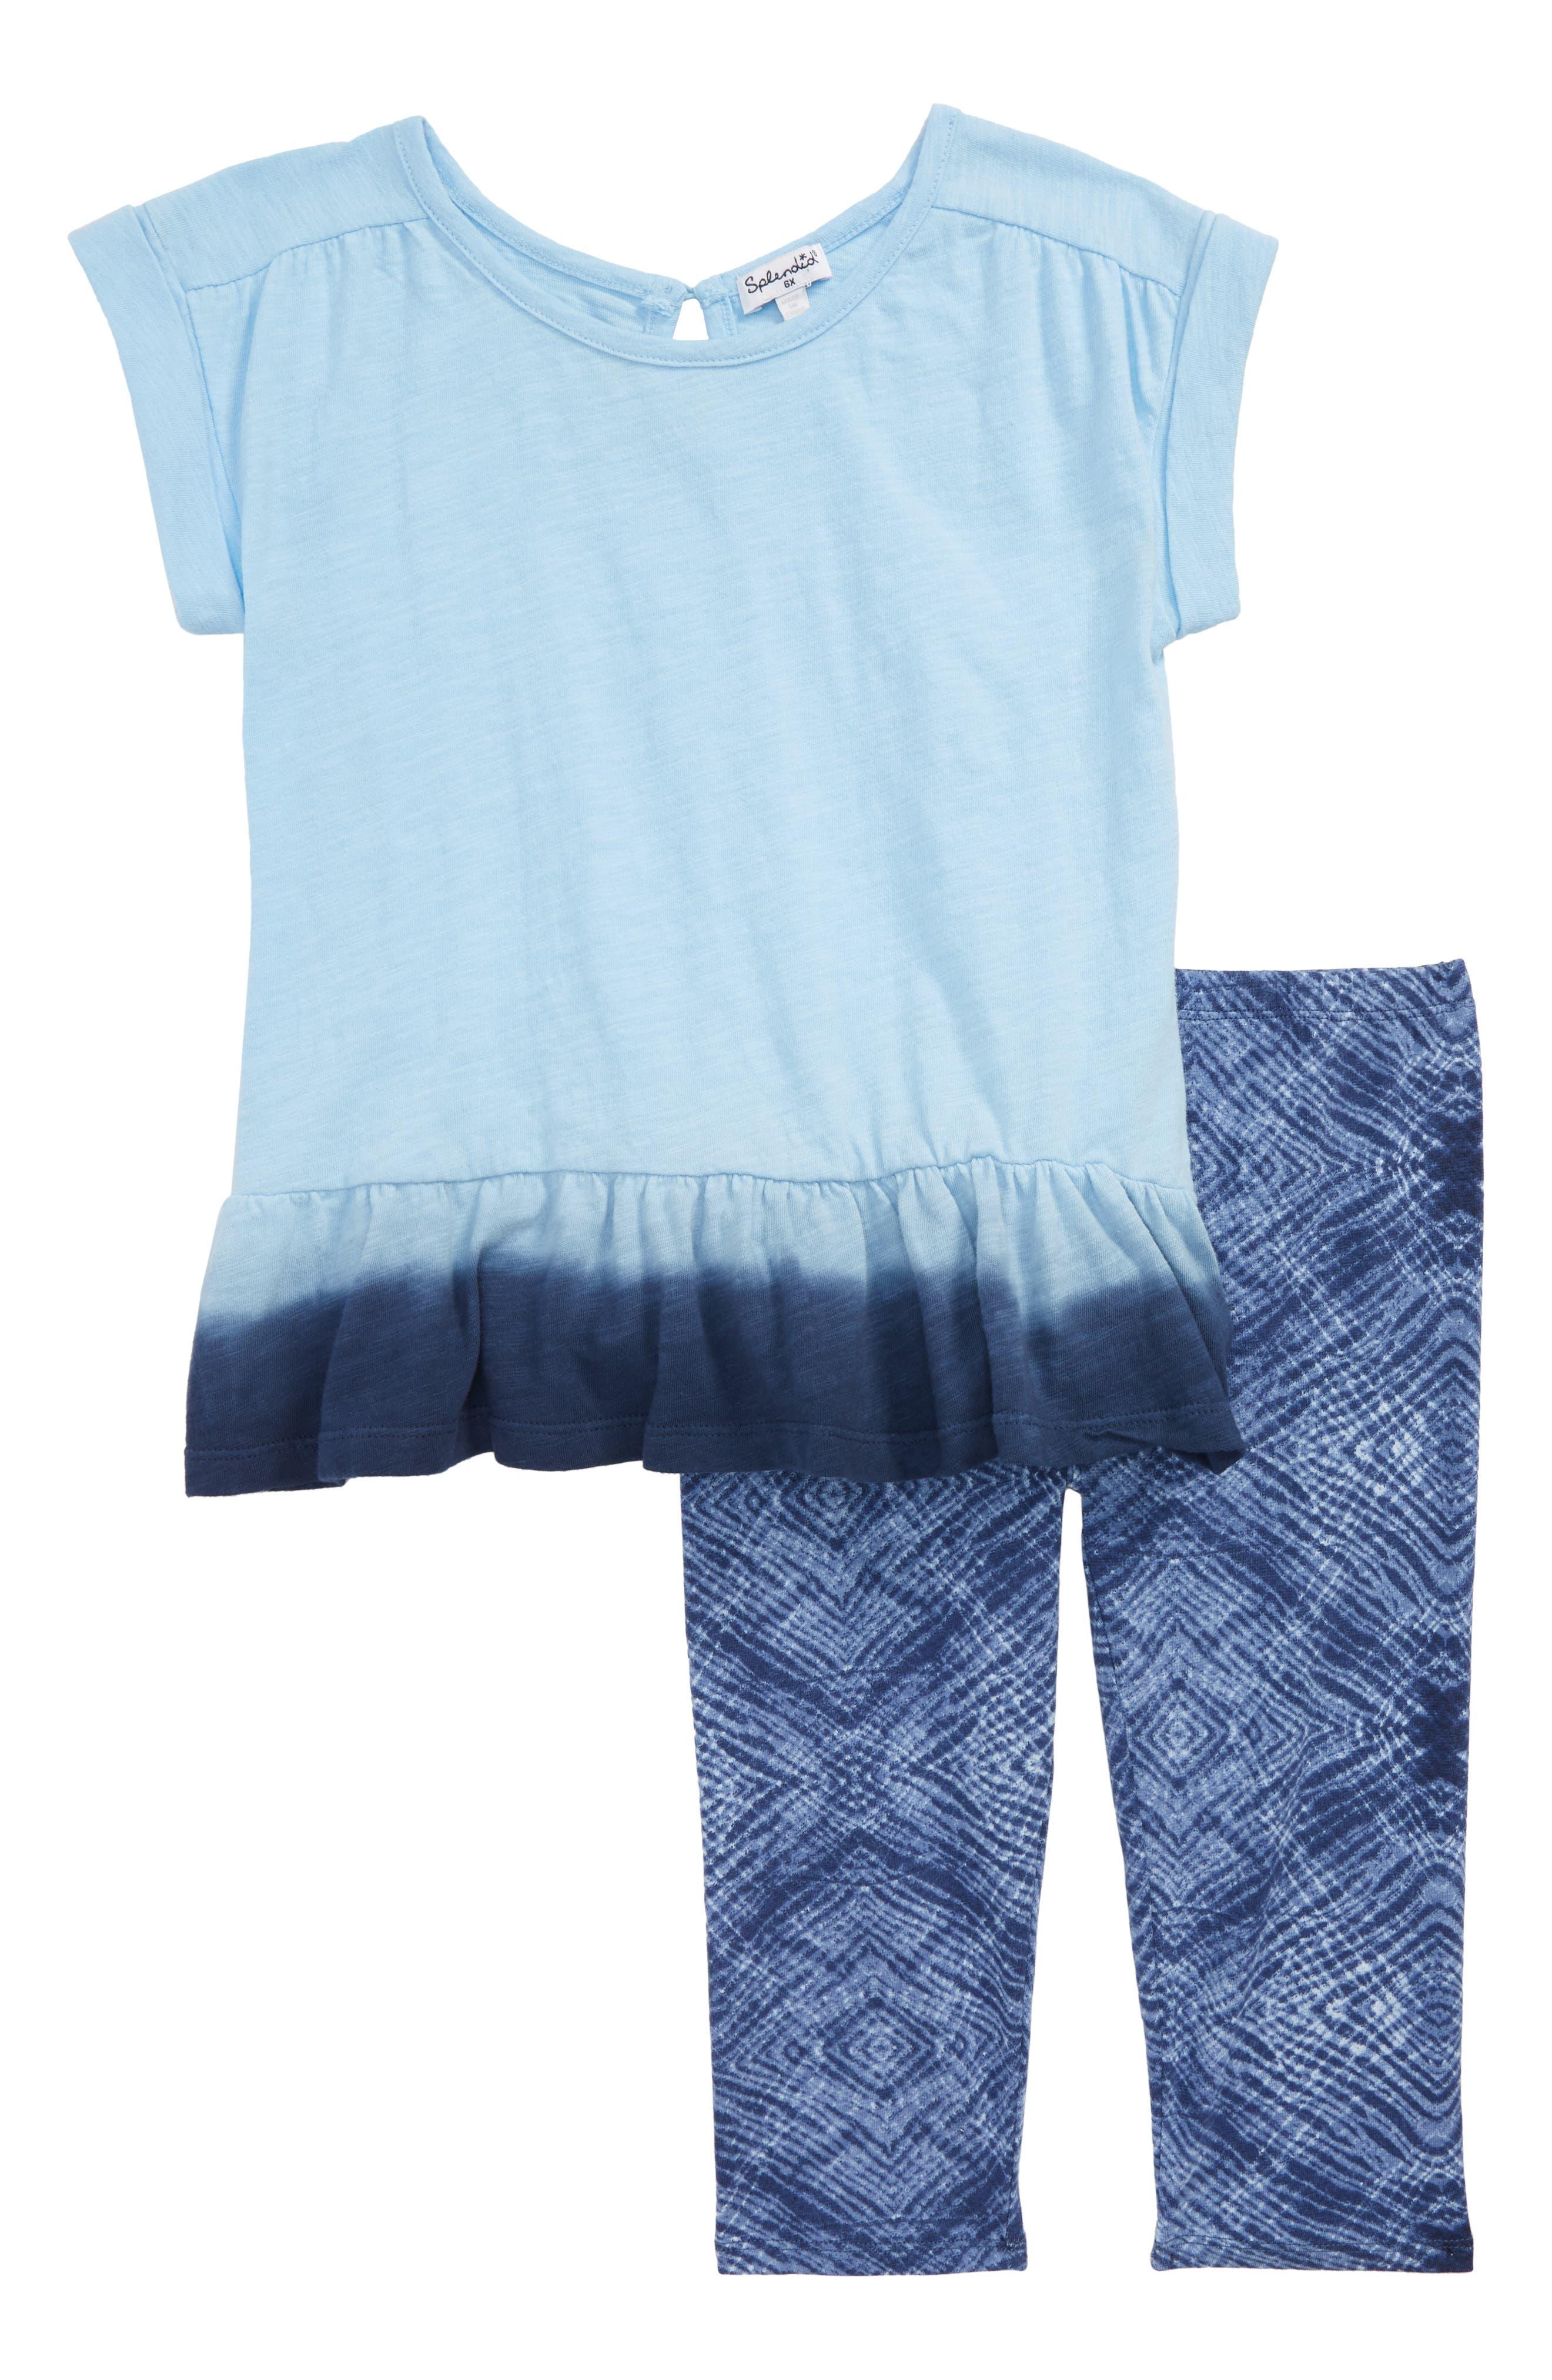 Dip Dye Top & Leggings Set,                             Main thumbnail 1, color,